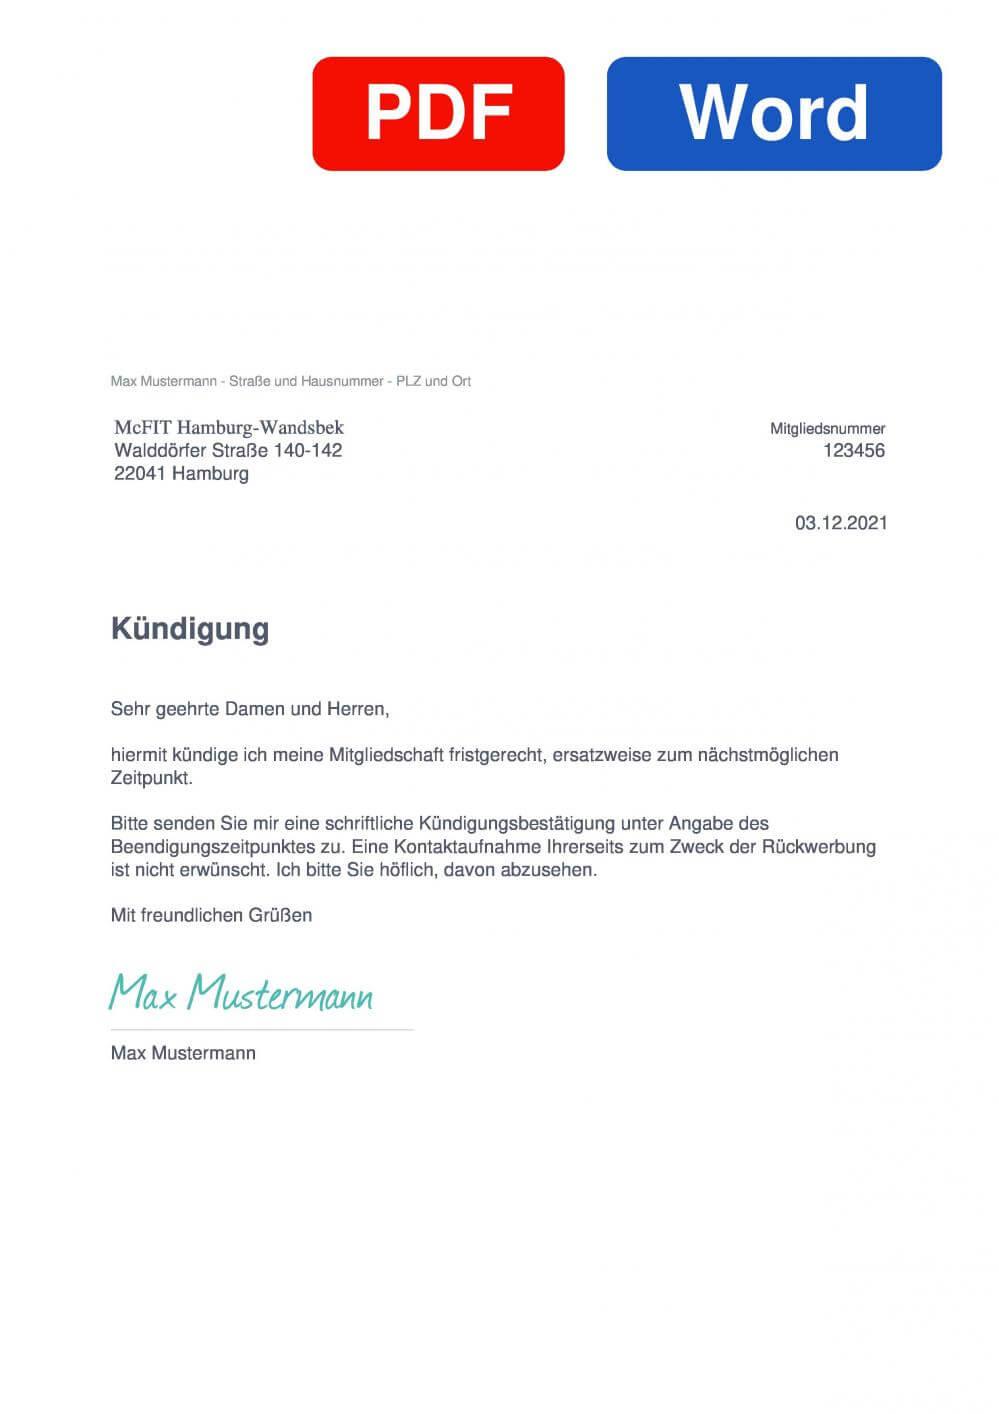 McFIT Hamburg-Wandsbek Muster Vorlage für Kündigungsschreiben